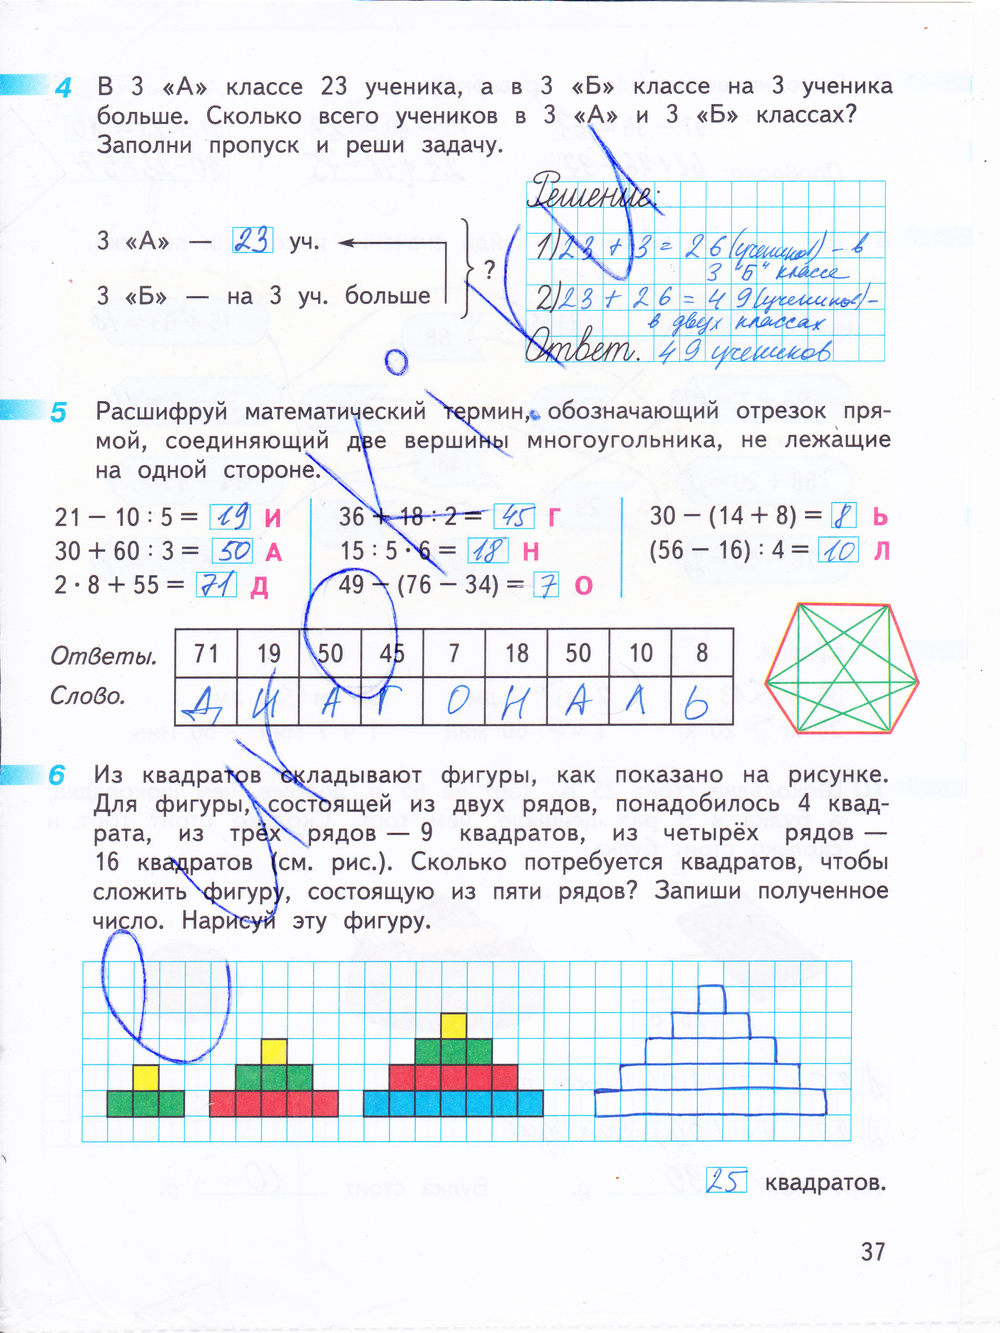 дорофеев страницы гдз все 3 класс математика